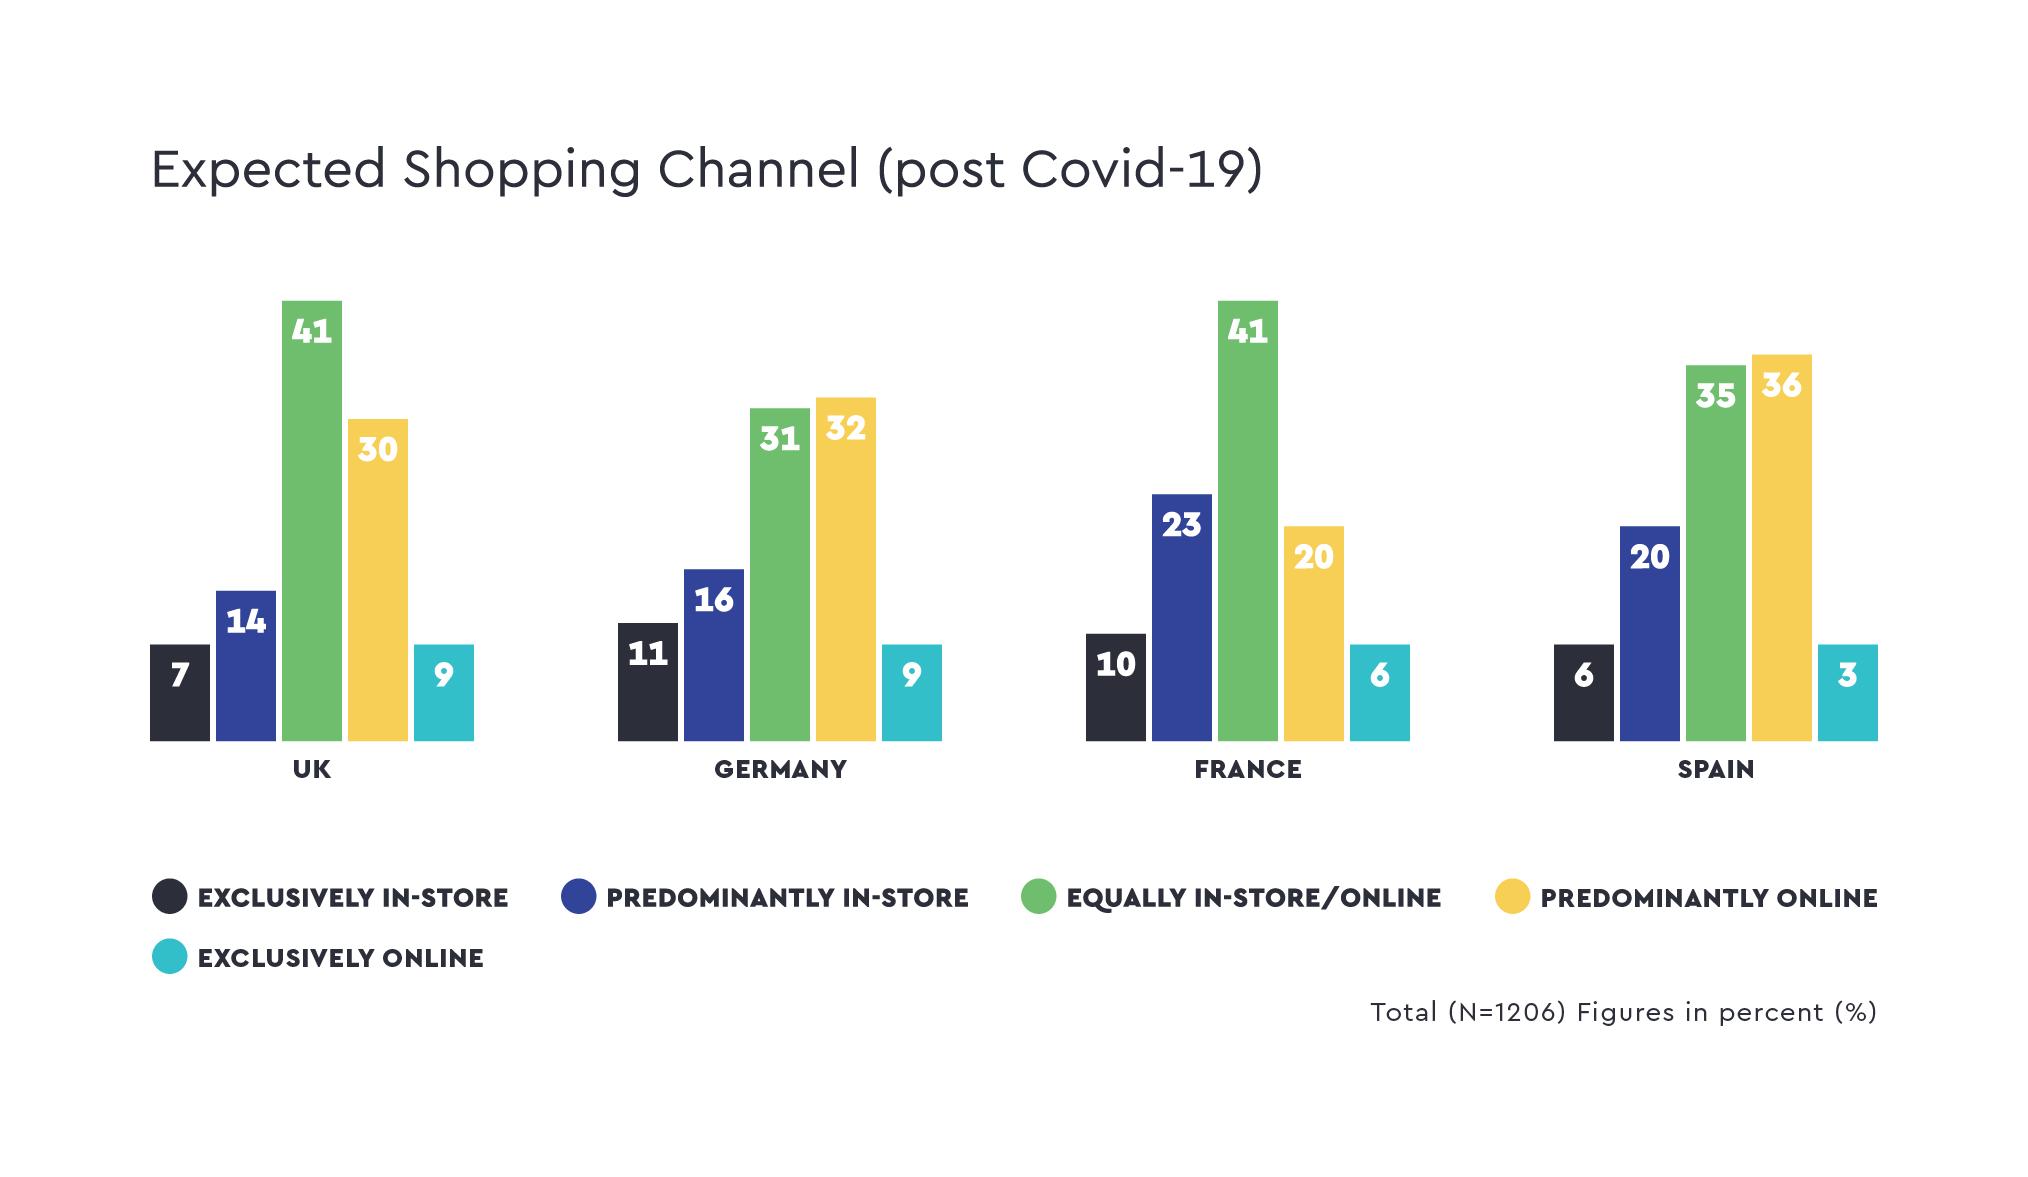 quantilope-ce-expected-shopping-channel-en